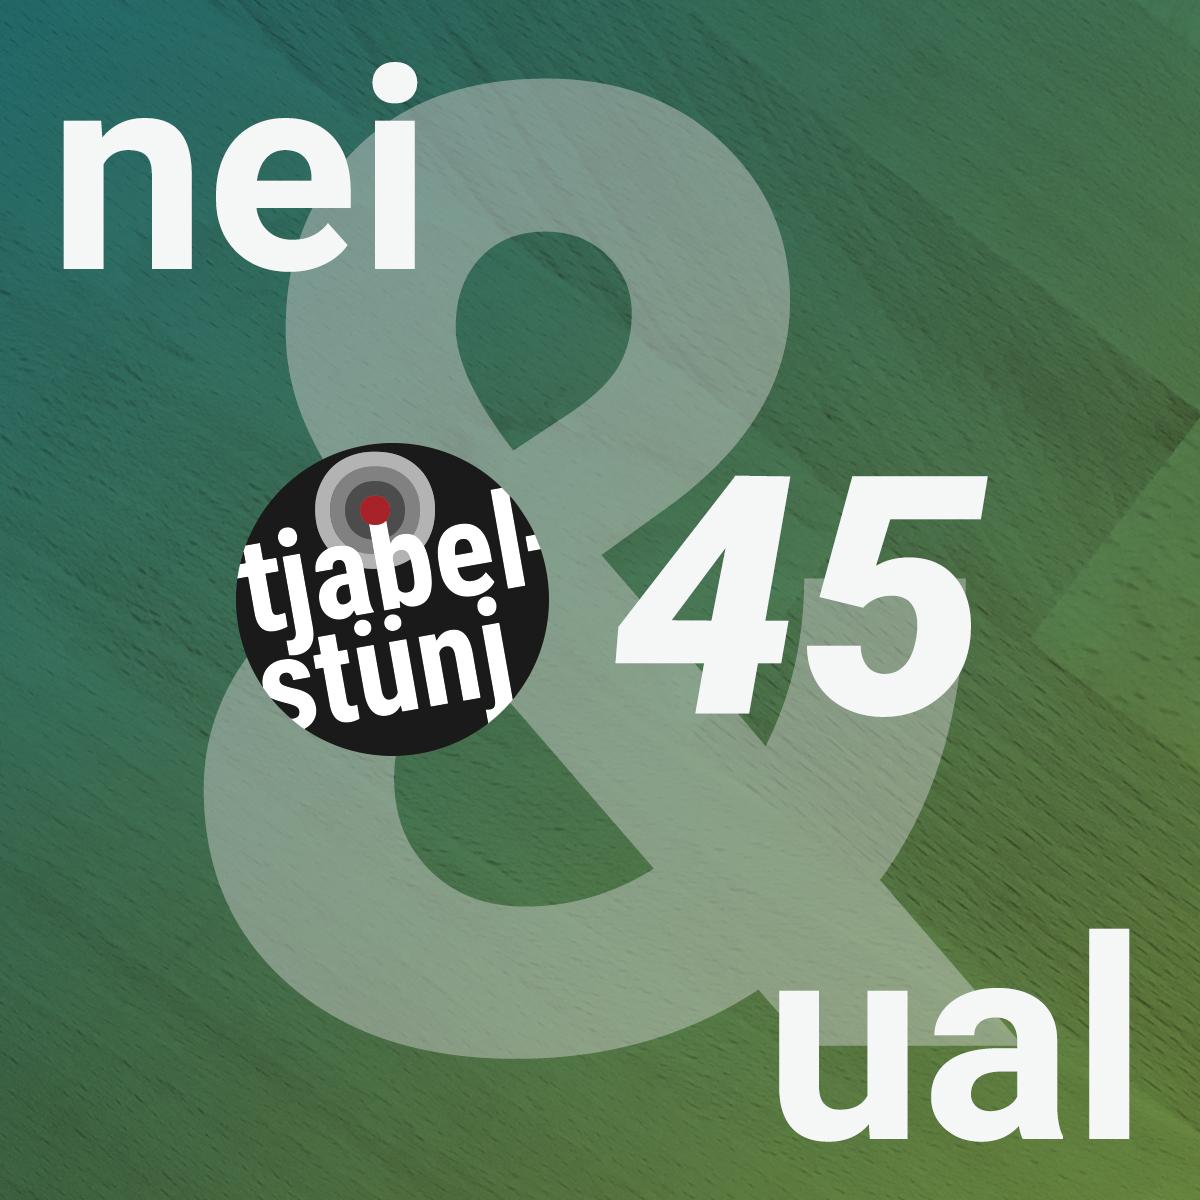 #45: tesken nei an ual